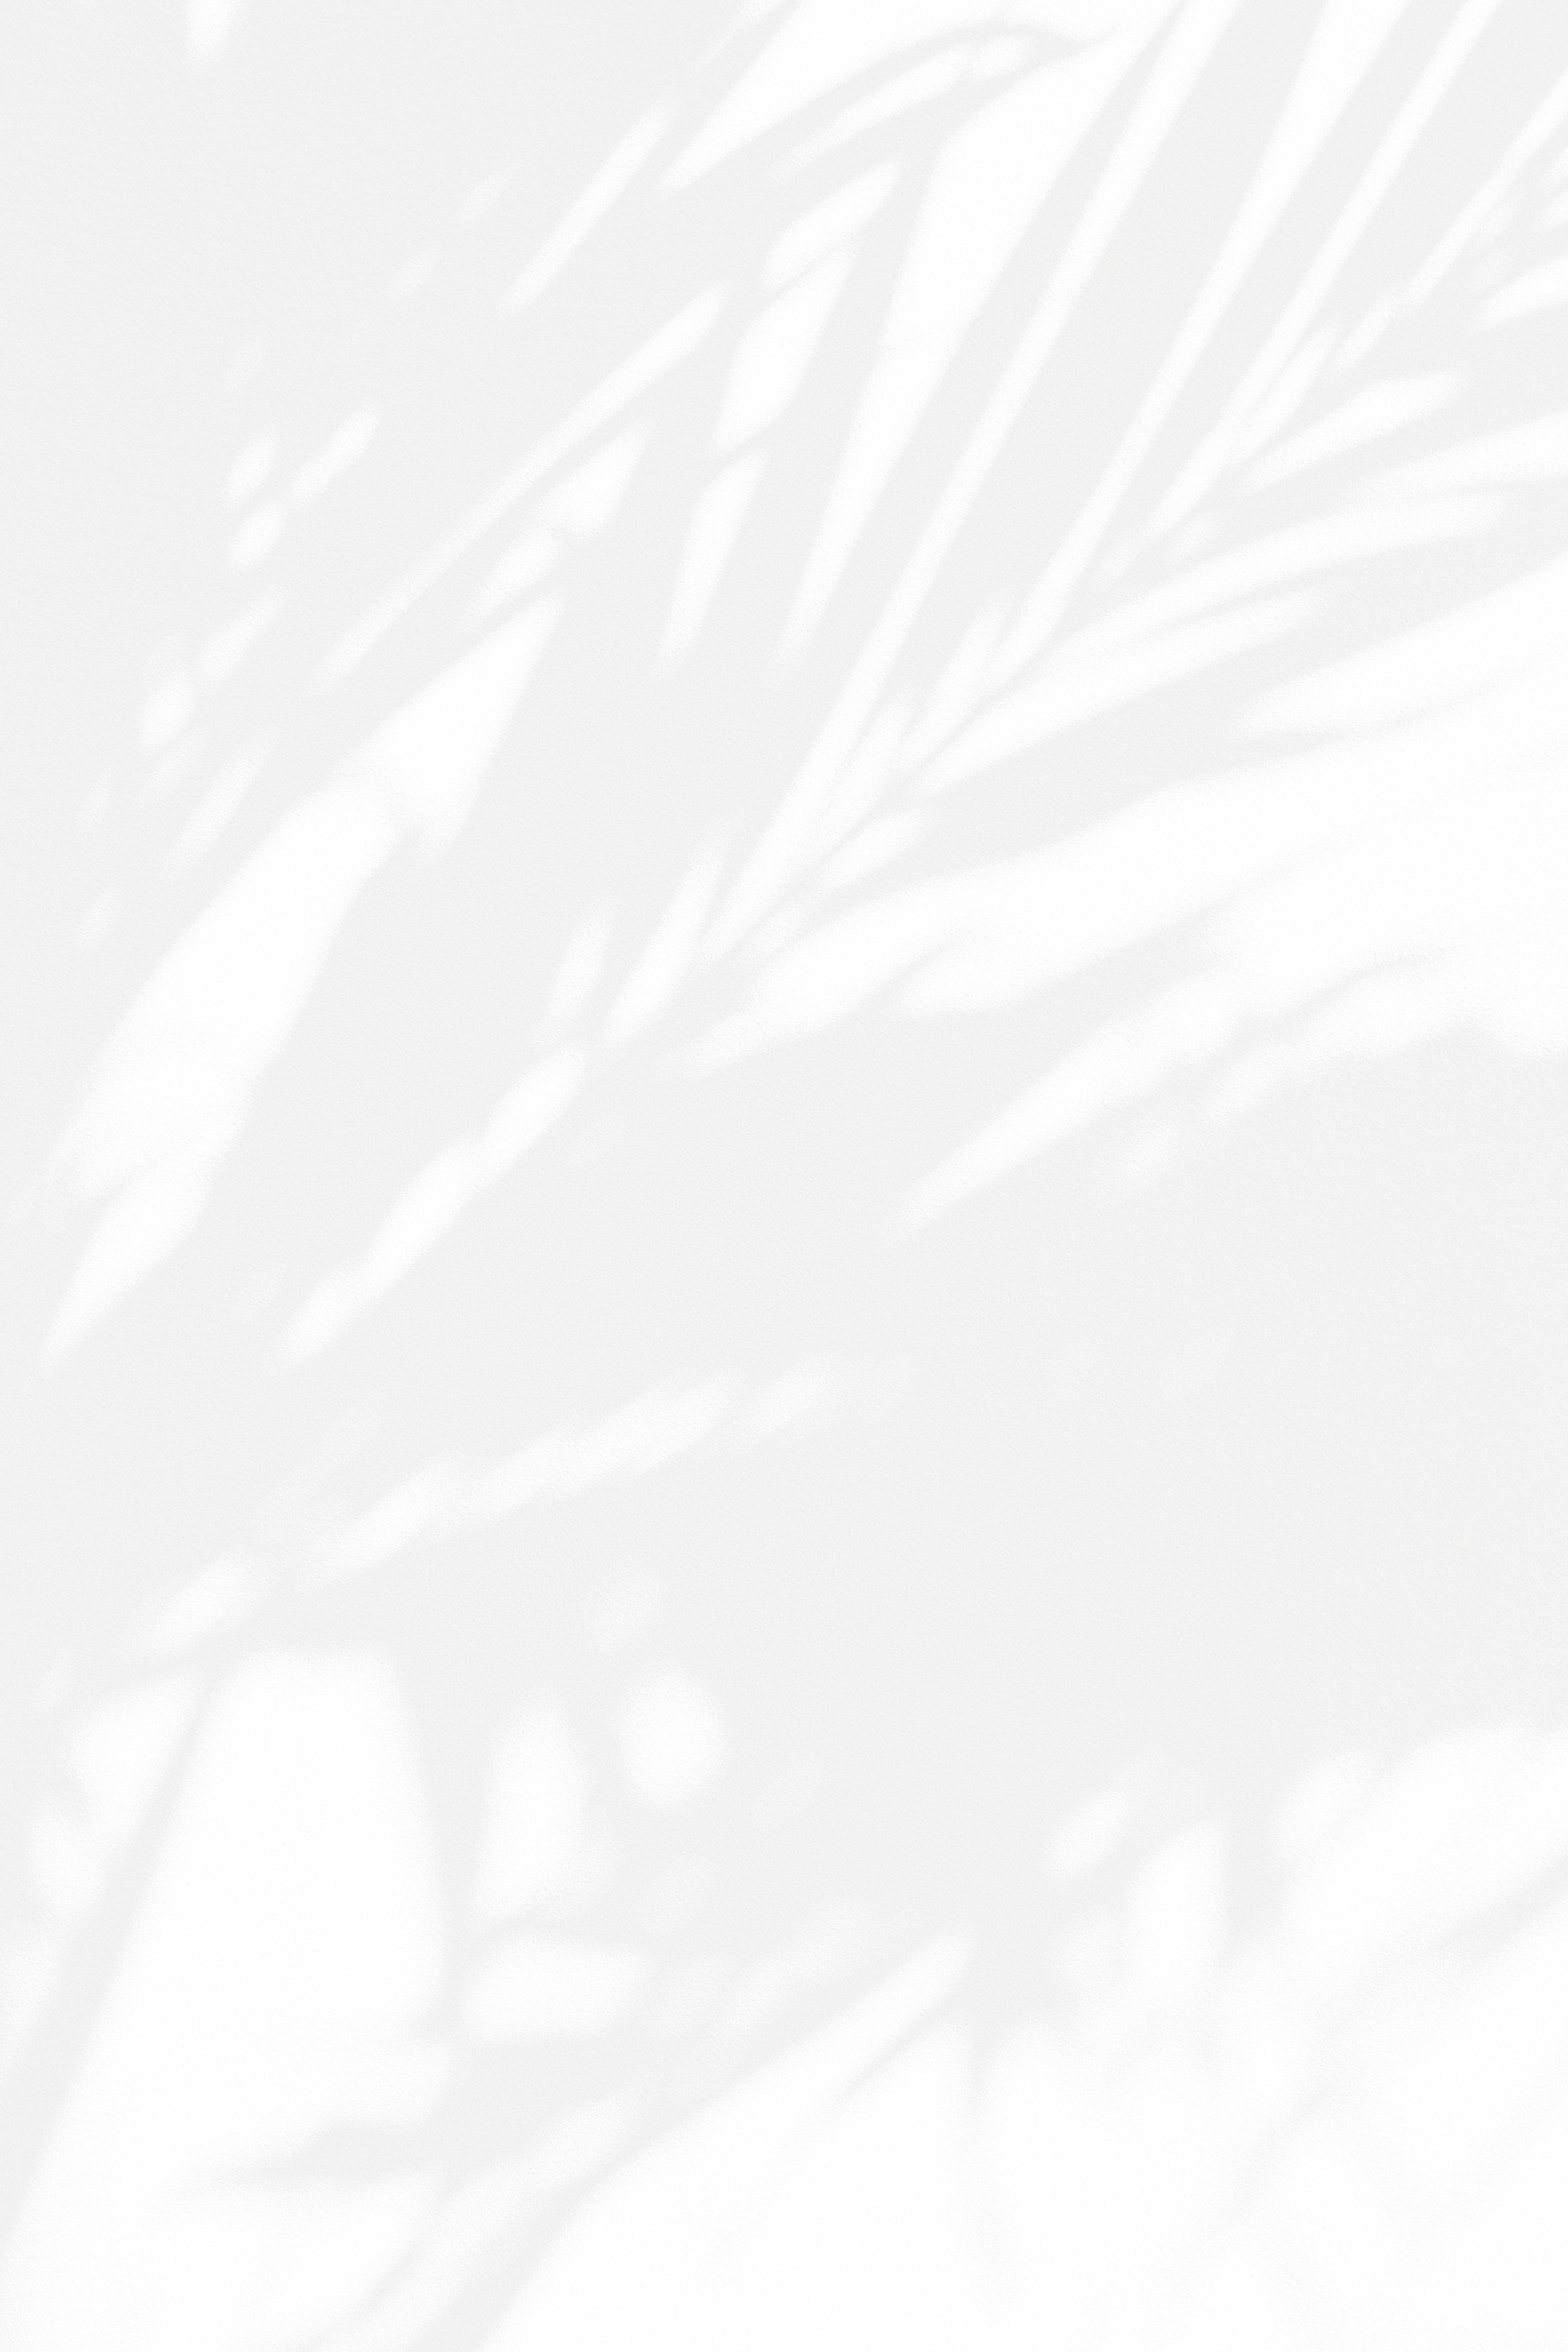 palm-texture-white.jpg